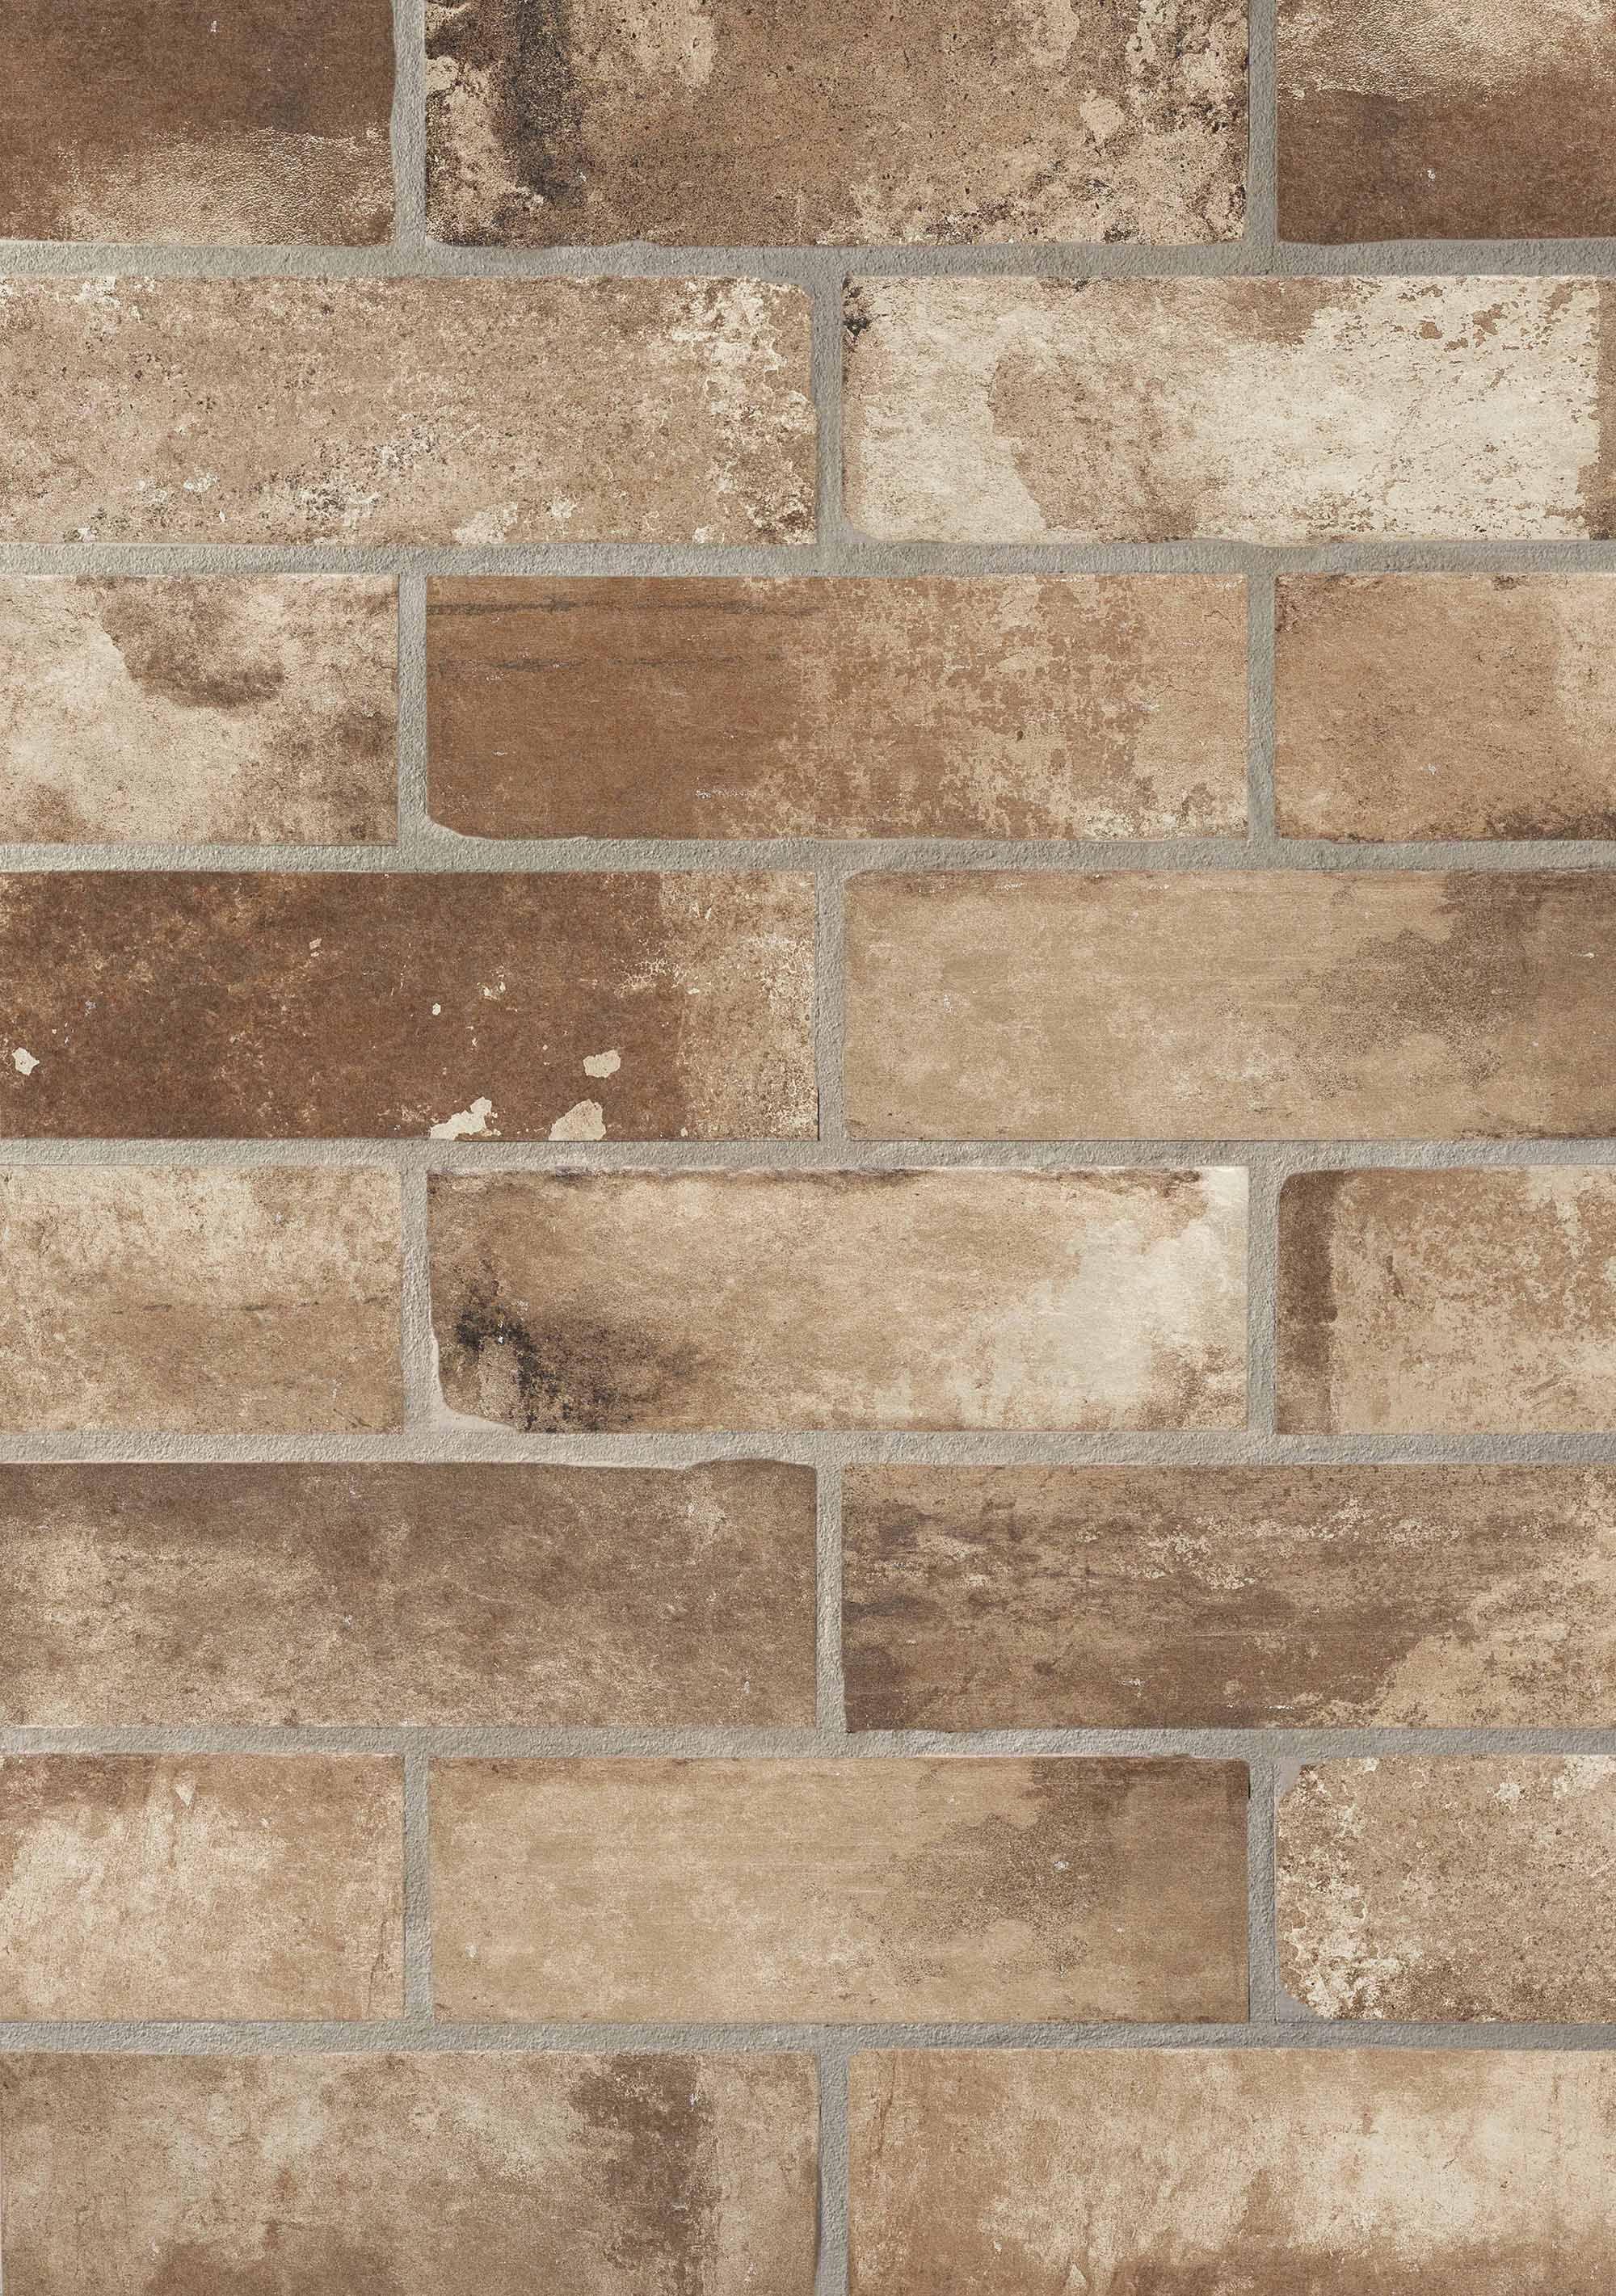 Rivestimento in gres effetto muretto del conca cantina e murales nel 2019 tiles brick e - Piastrelle effetto mattone ...